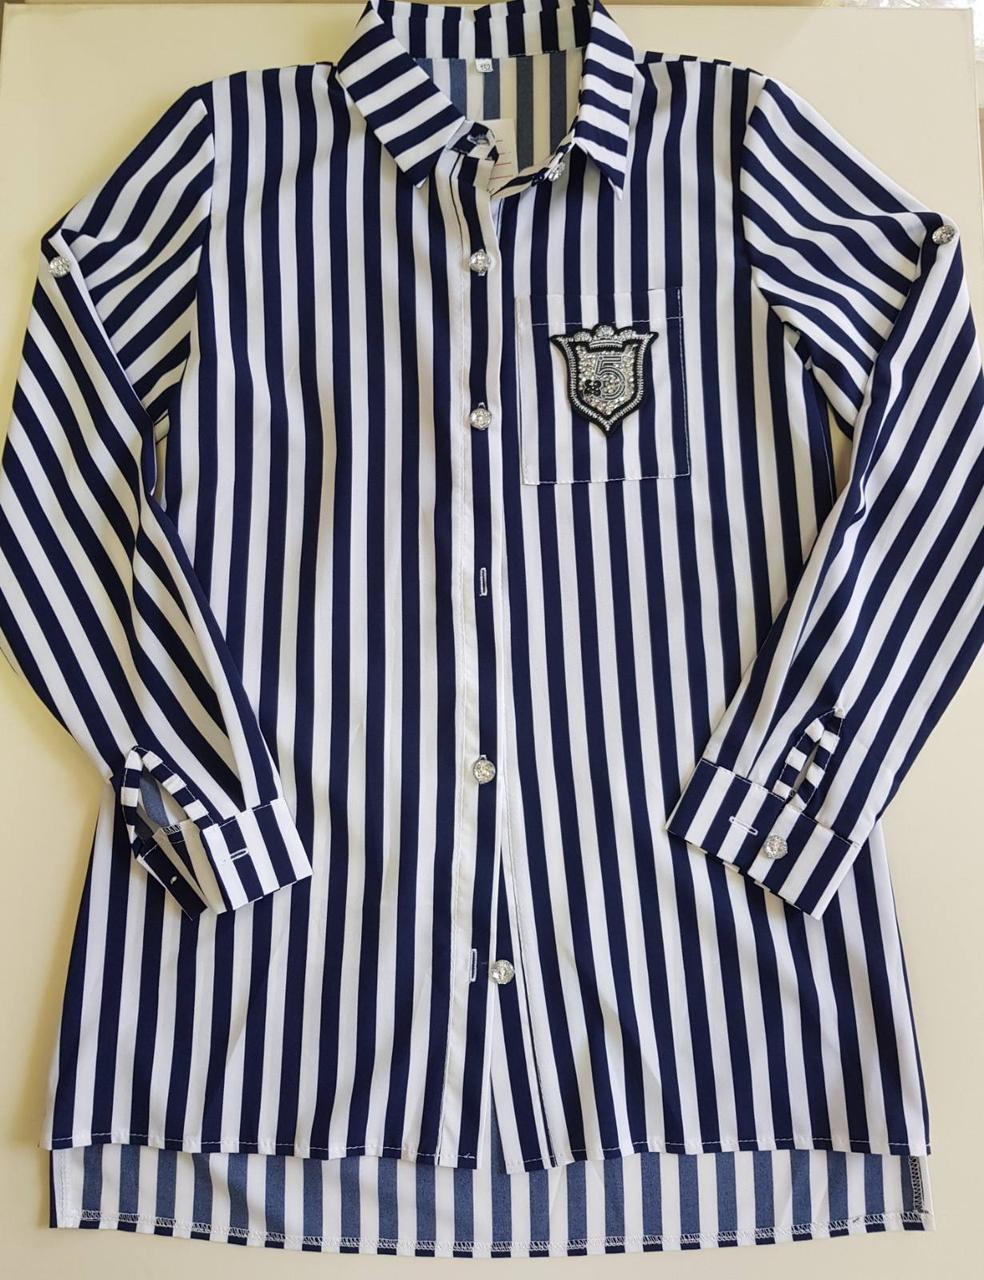 {есть:152} Рубашка для девочек,  Артикул: N0607 [152]